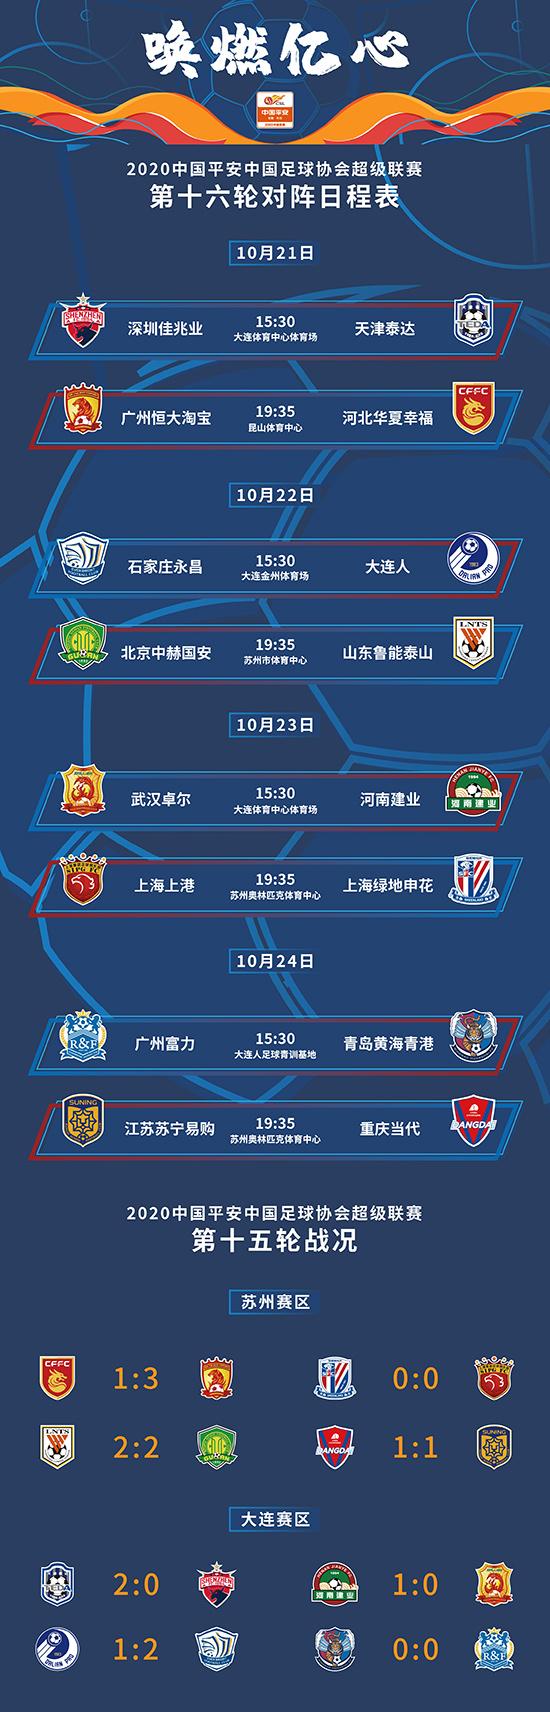 中超第十六轮对阵表:京鲁德比、上海德比皆胜者晋级